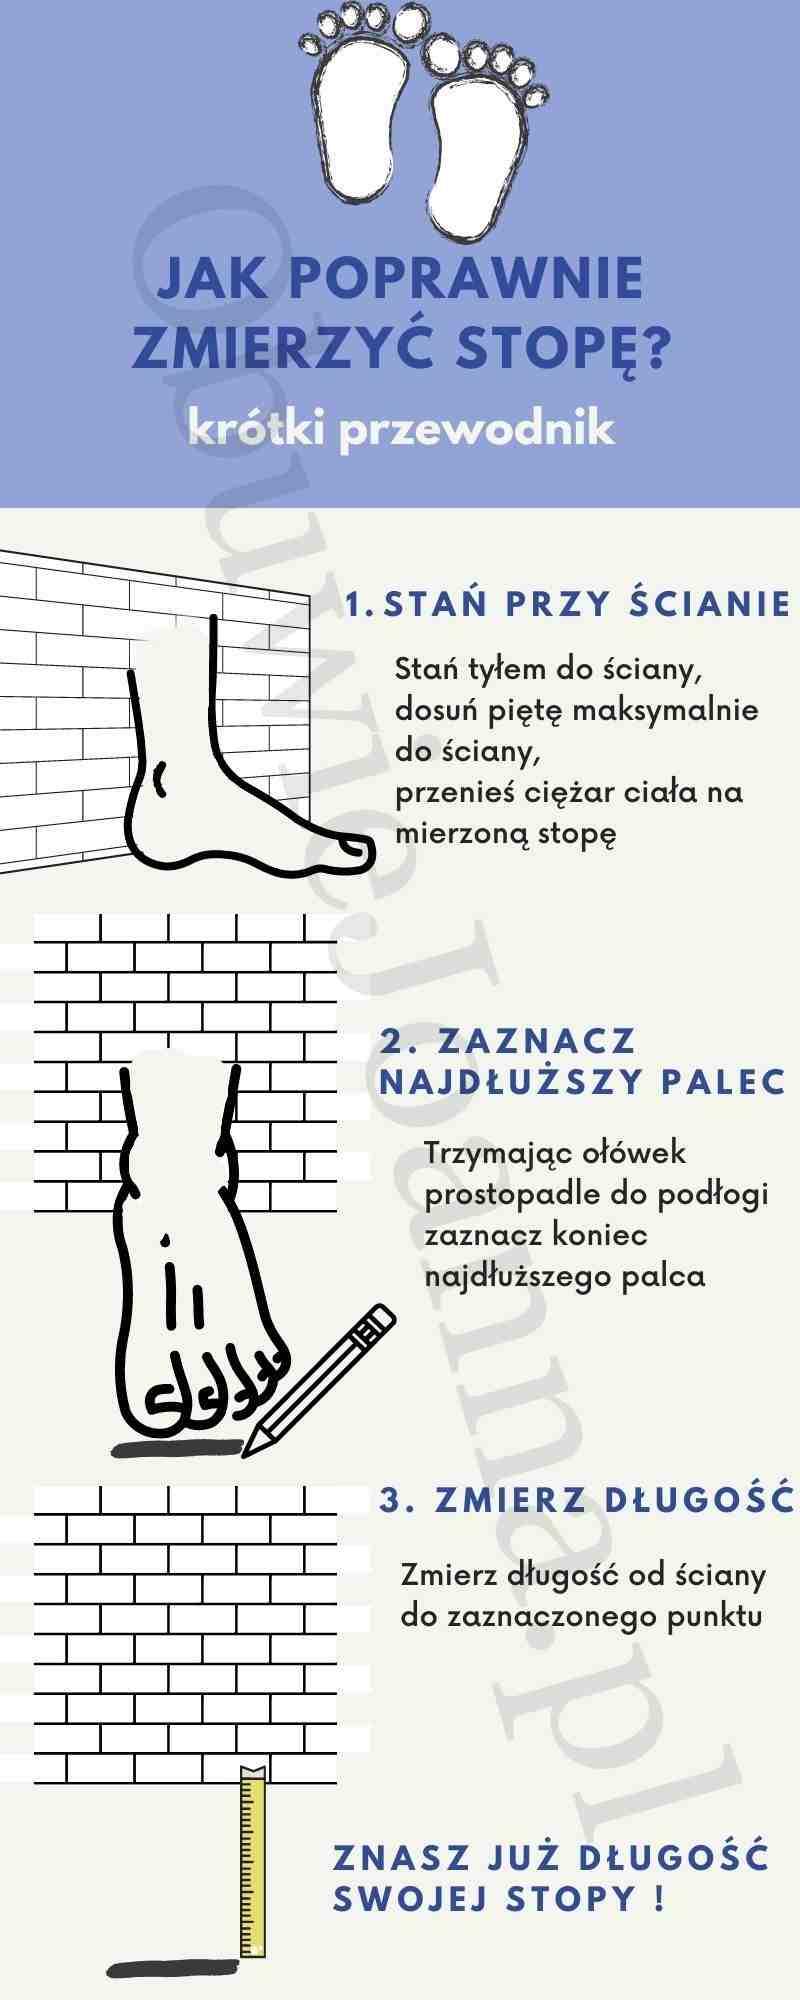 infografika jak poprawnie zmierzyć długość stopy krok po kroku